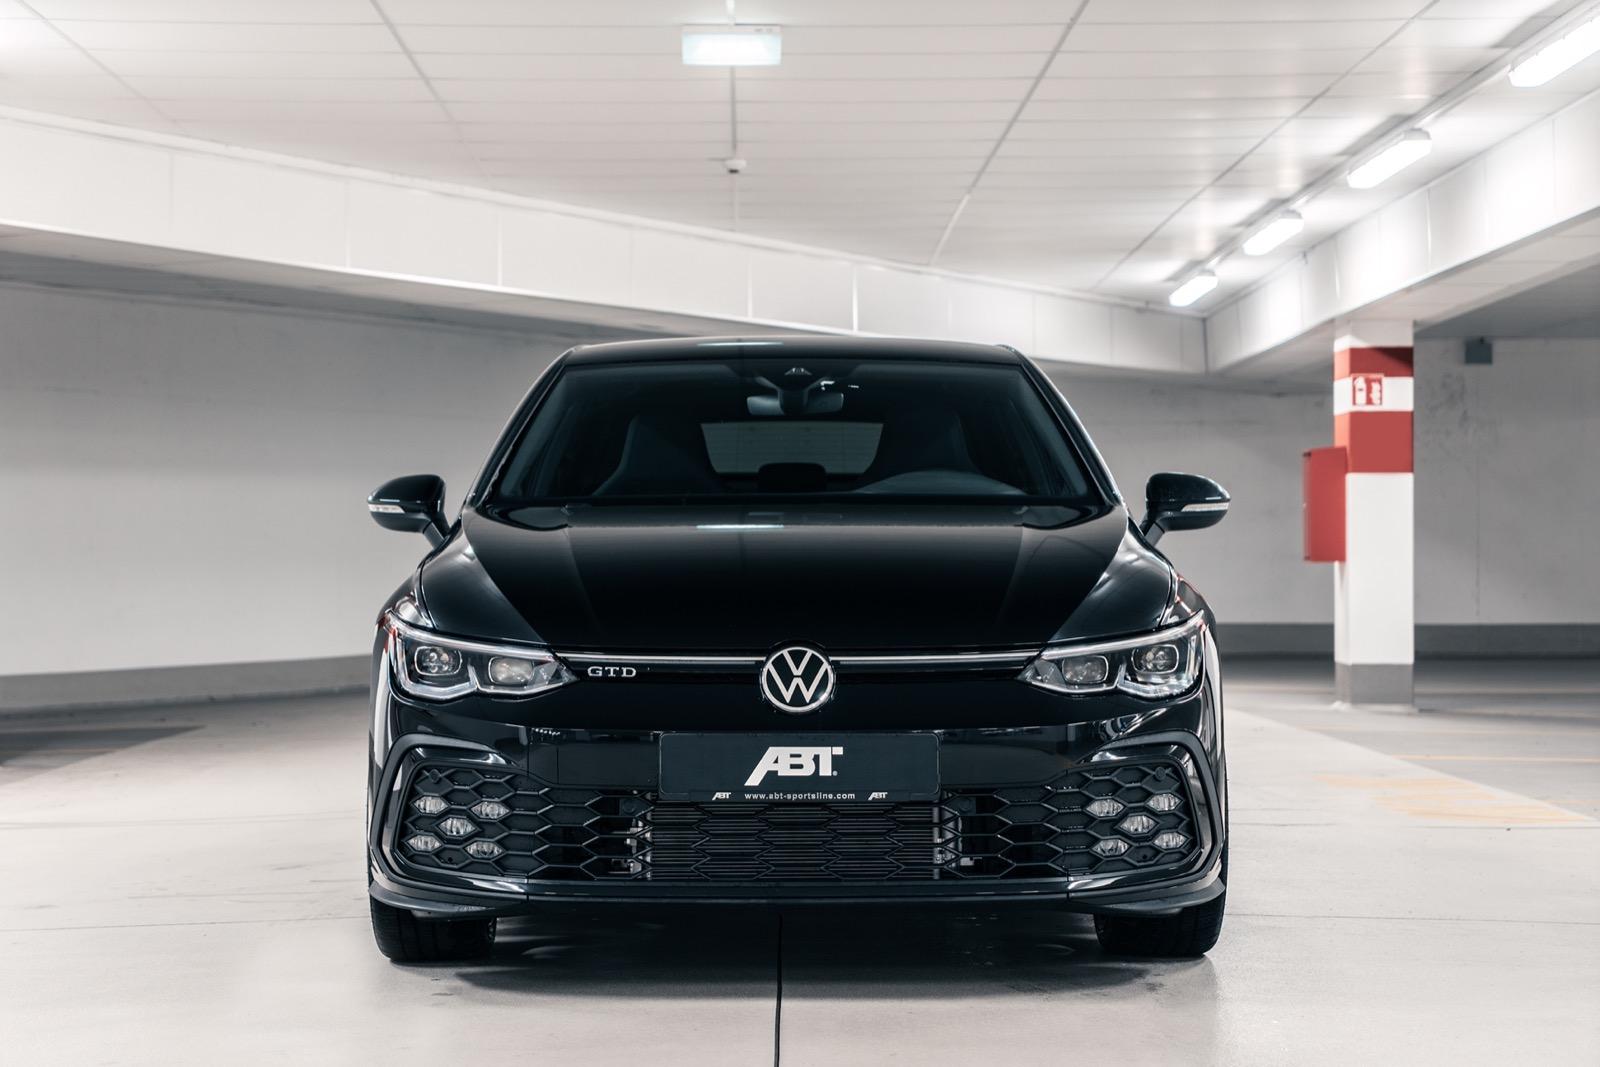 Volkswagen-Golf-GTE-ABT-Sportsline-4